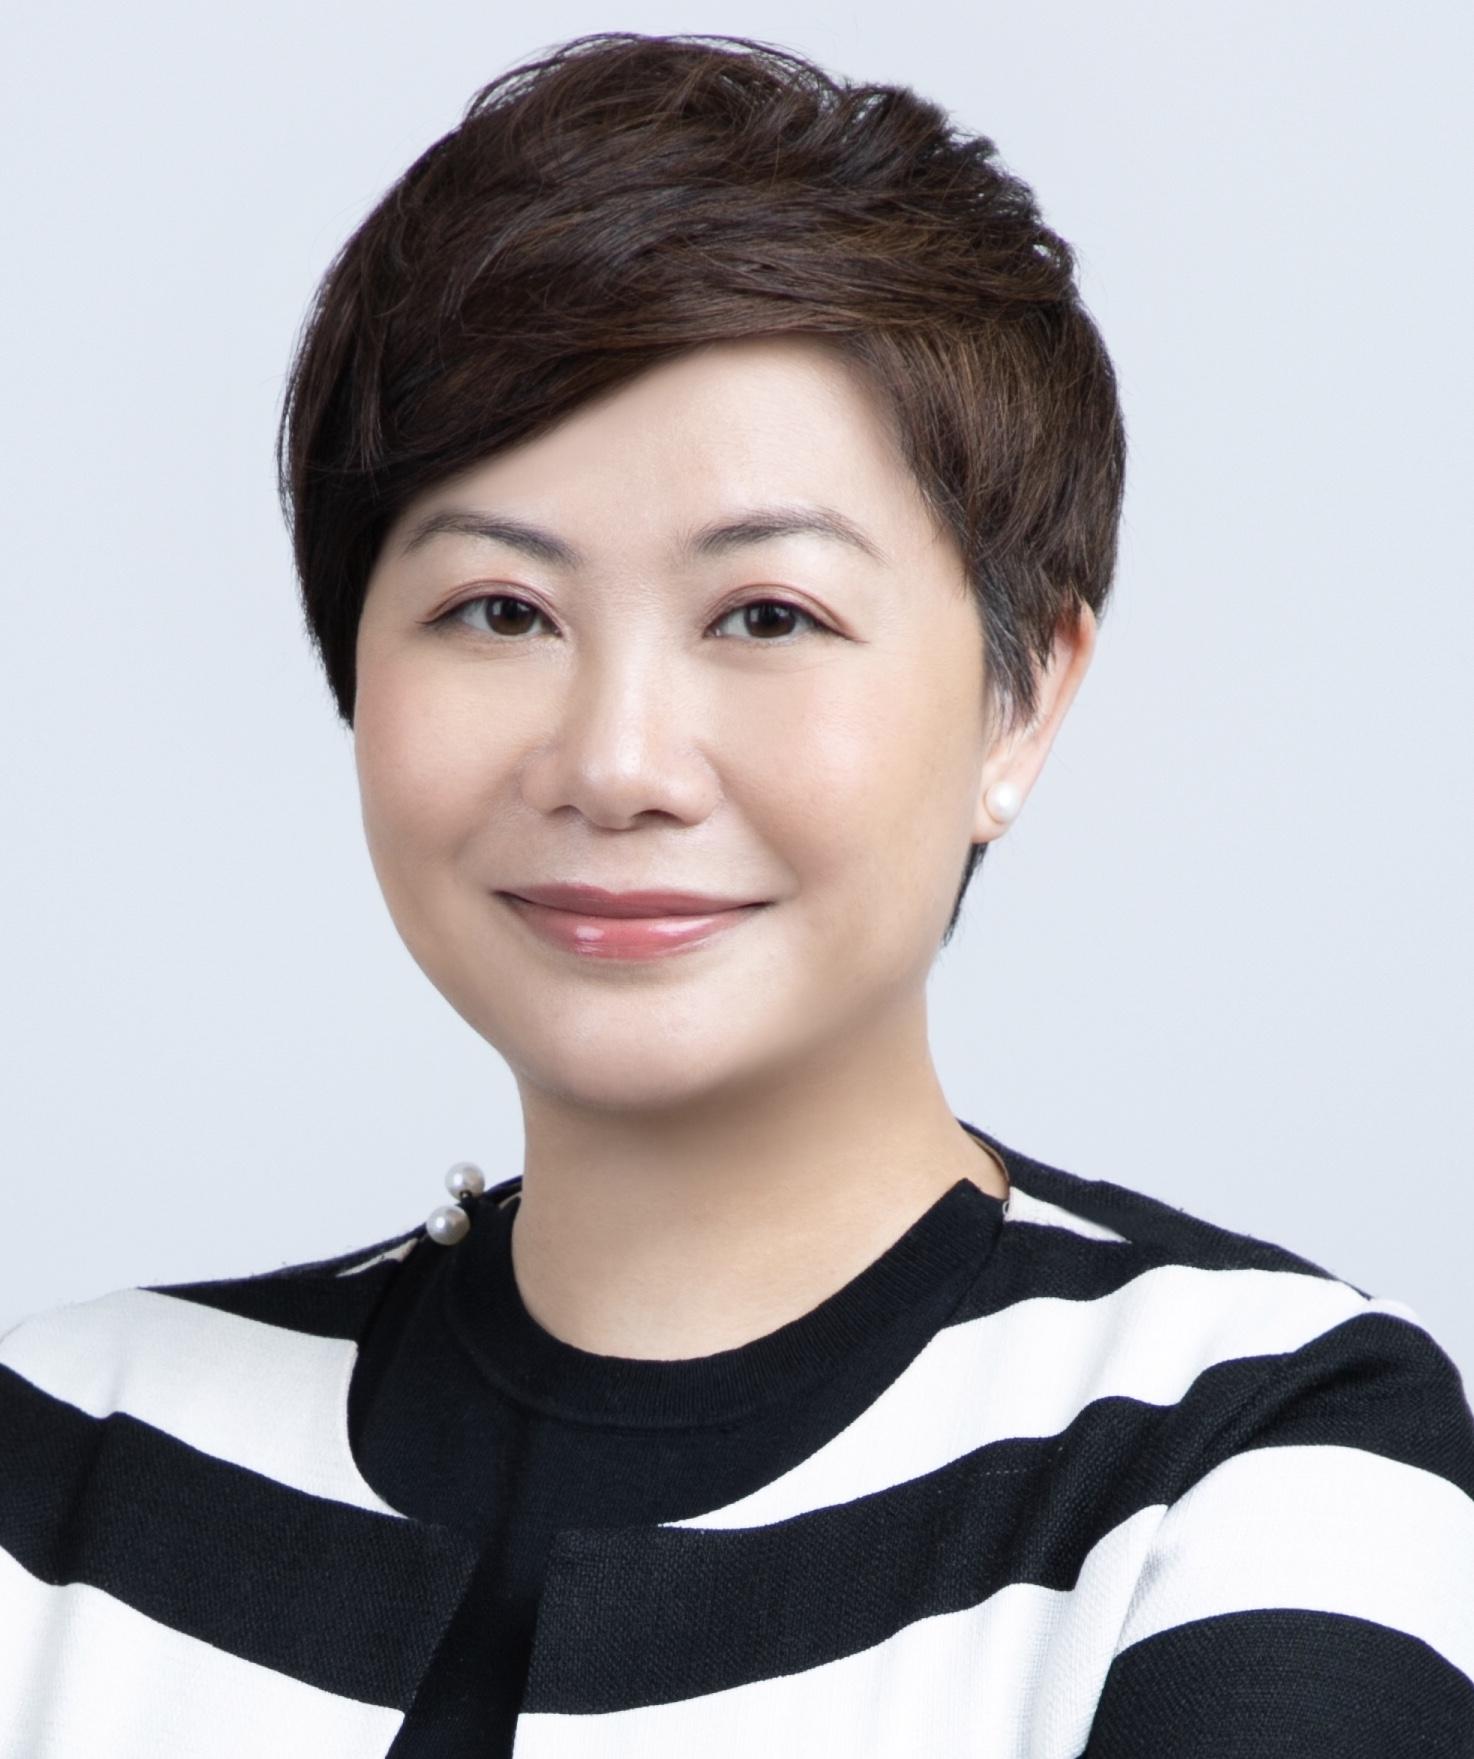 特立美環保及能源管理有限公司創辦人兼董事總經理巫翔鷹